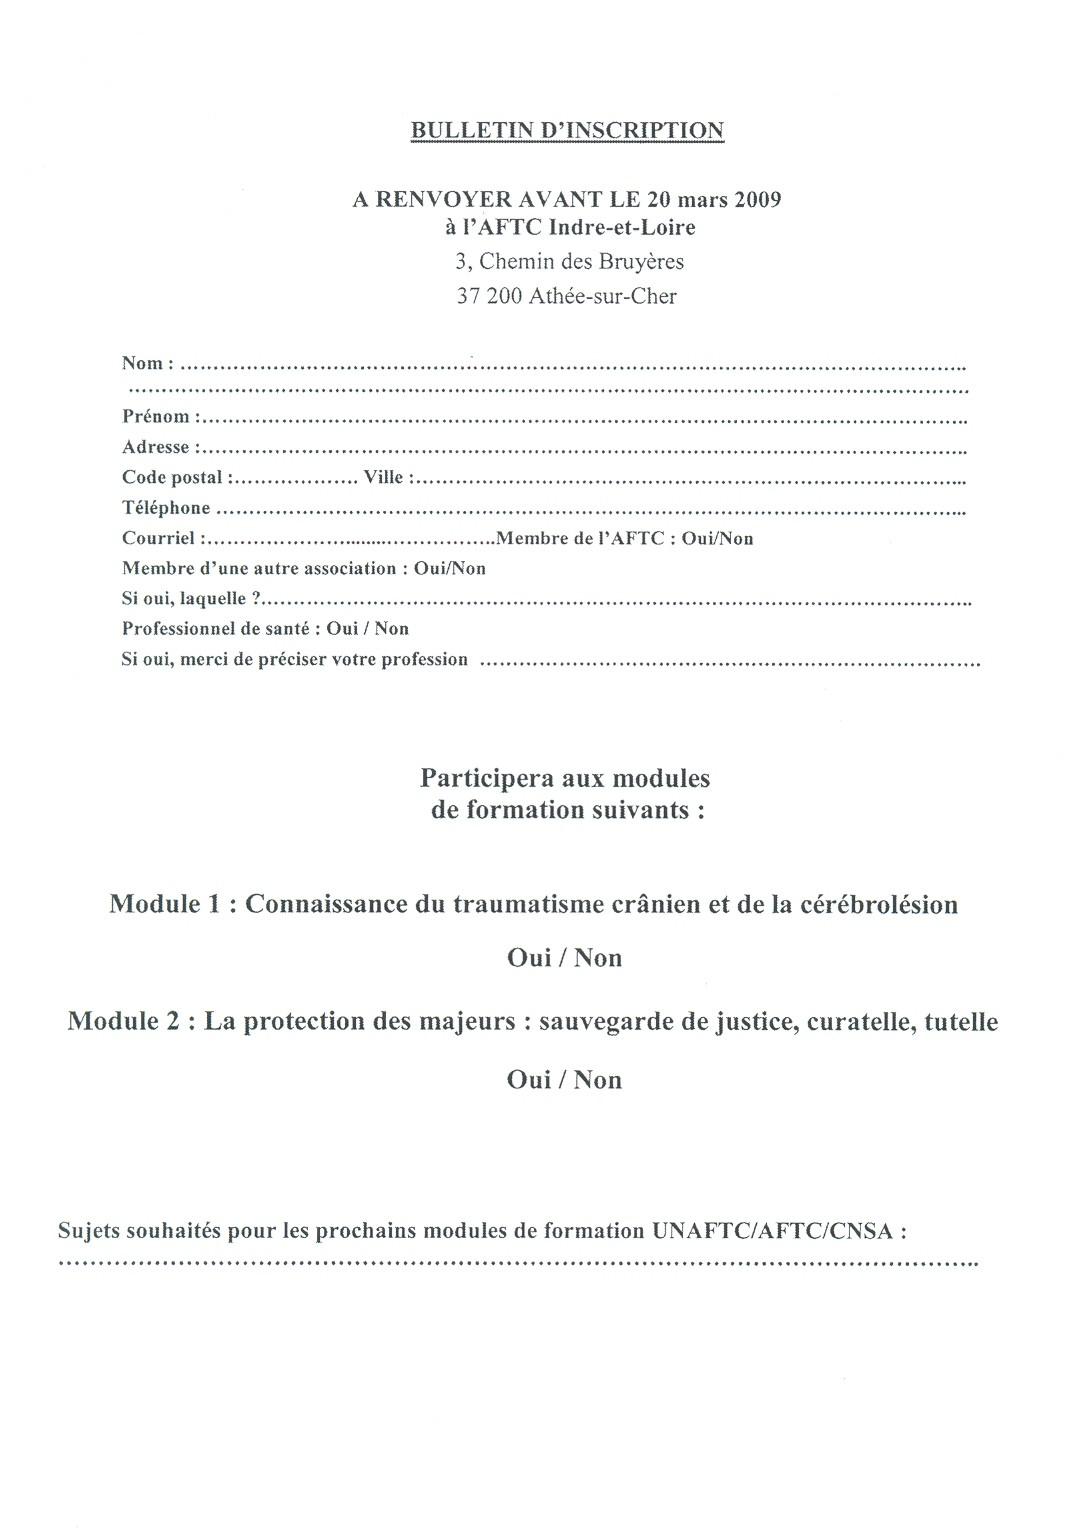 En Bref Fevrier 2009 Actualites Maison Departementale Des